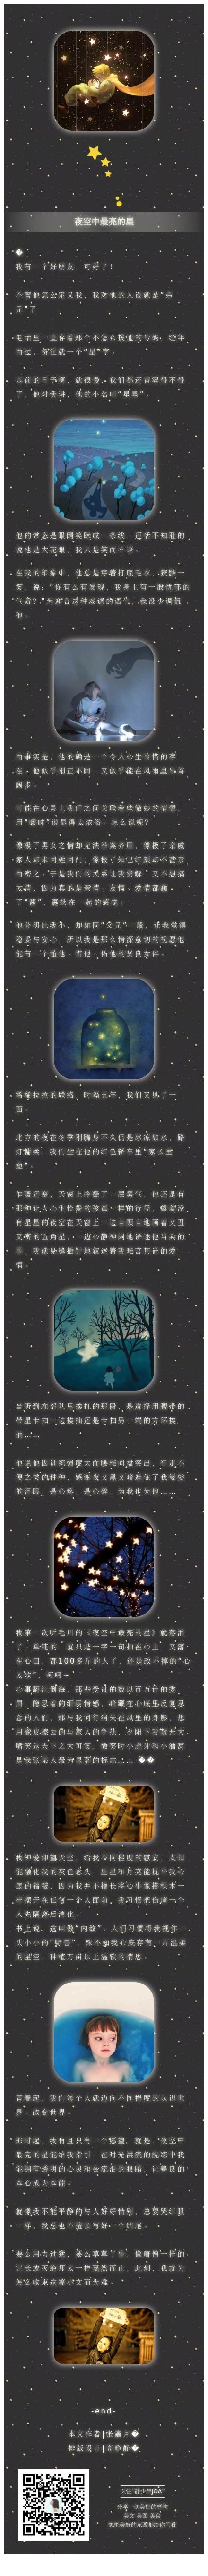 黑色深色童话故事微信文章模板